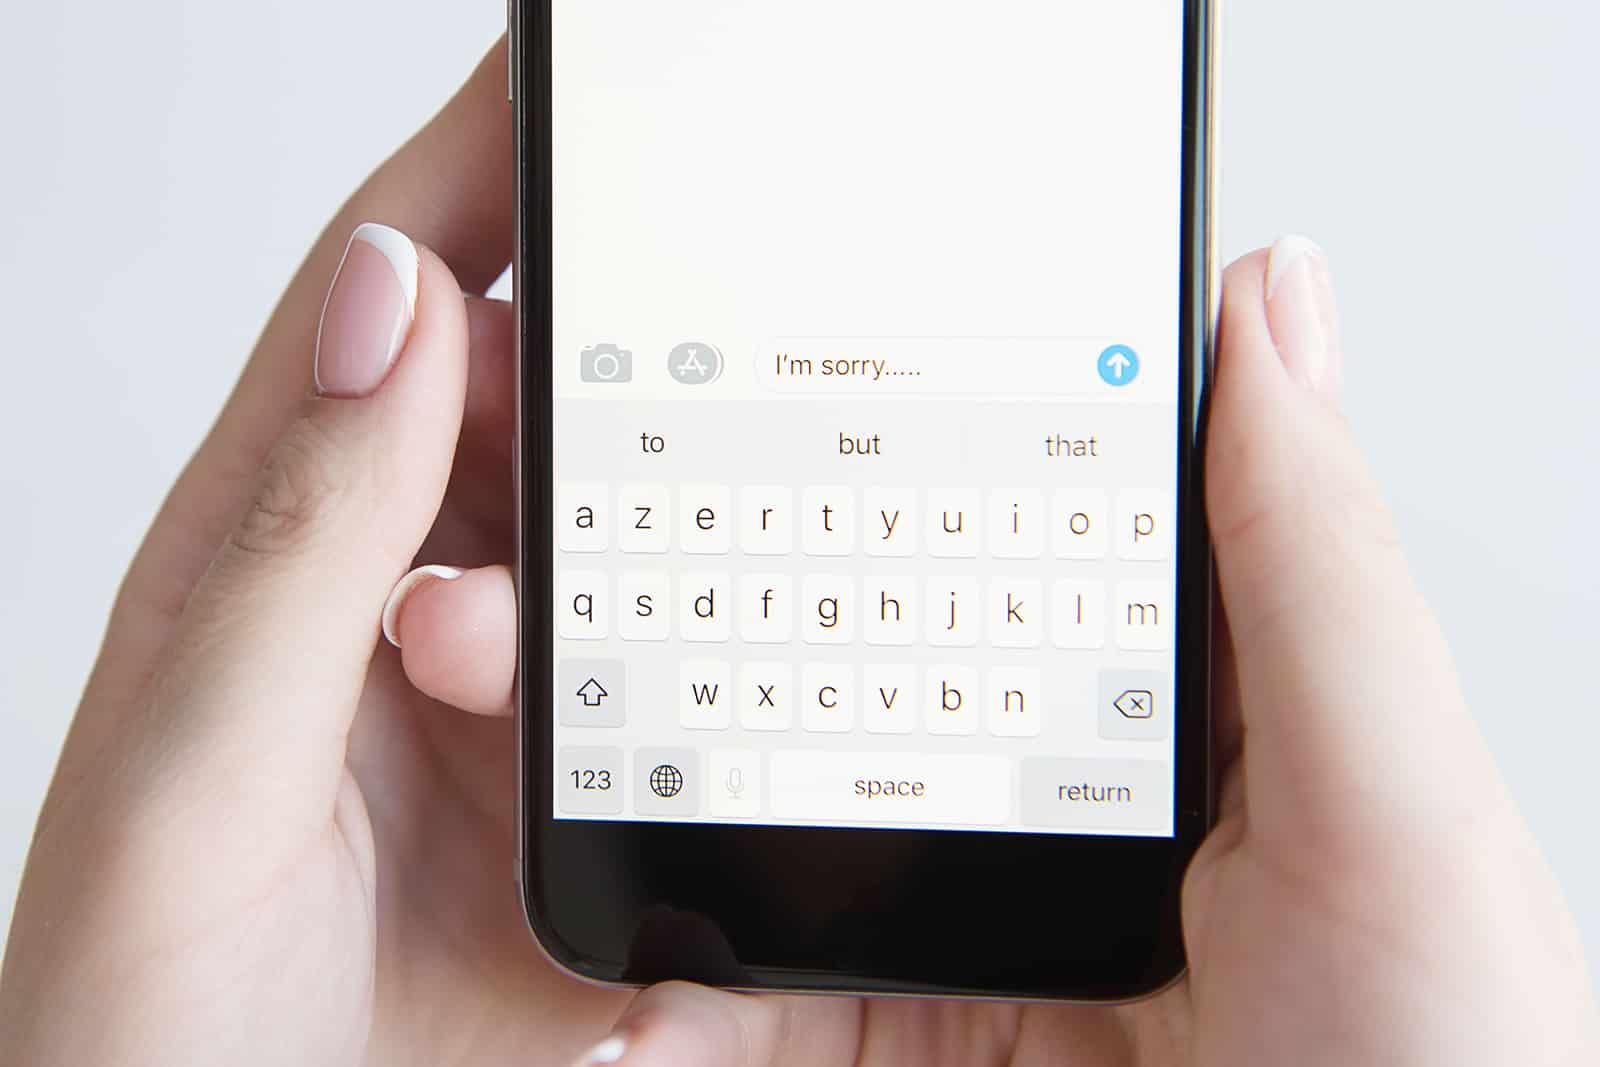 Eine Frau, die eine Nachricht auf einem Smartphone schreibt, um sich bei jemandem zu entschuldigen